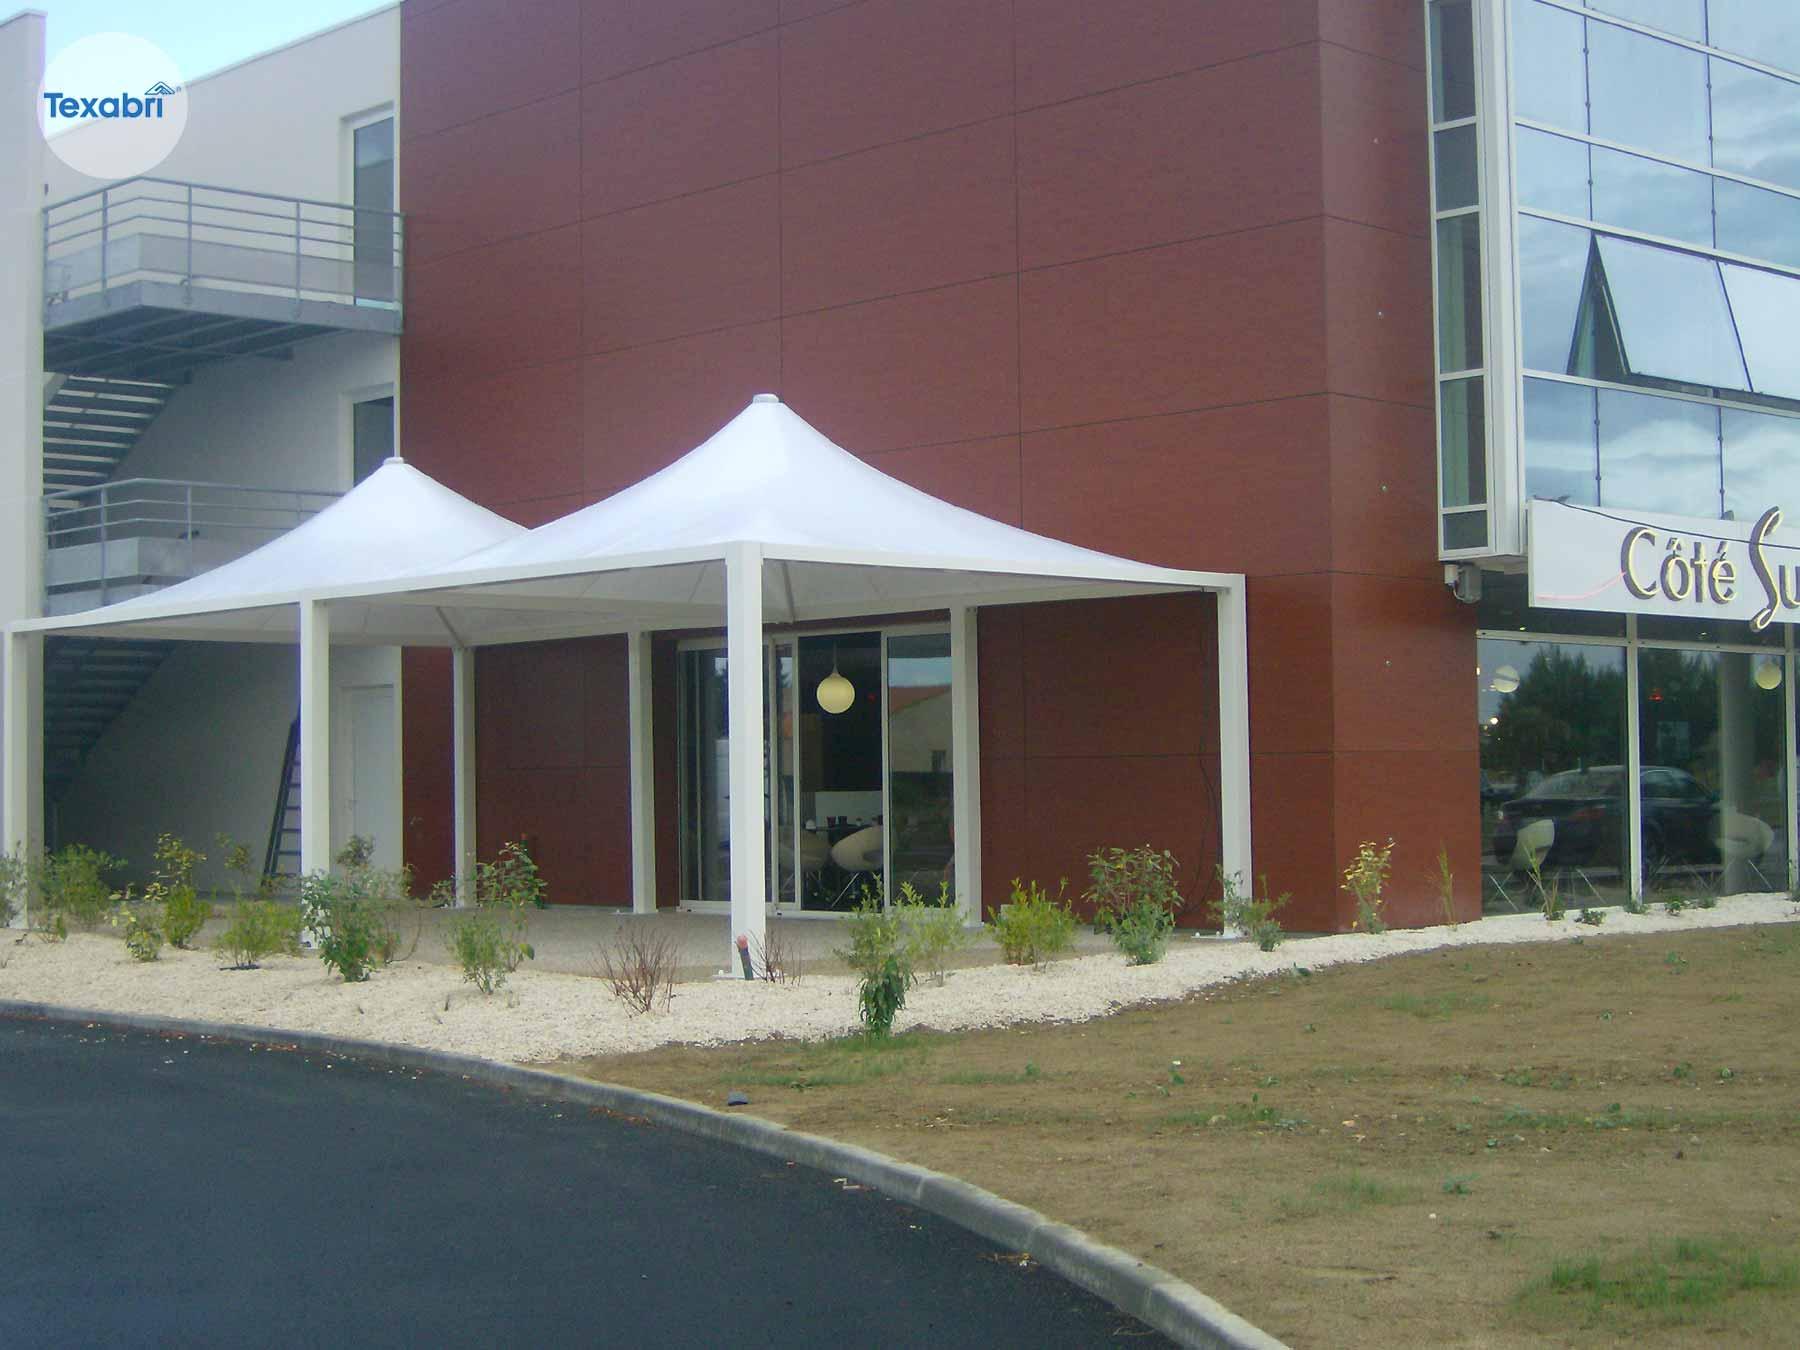 auvent pour terrasse – fabricant d'abri en toile tendue – texabri